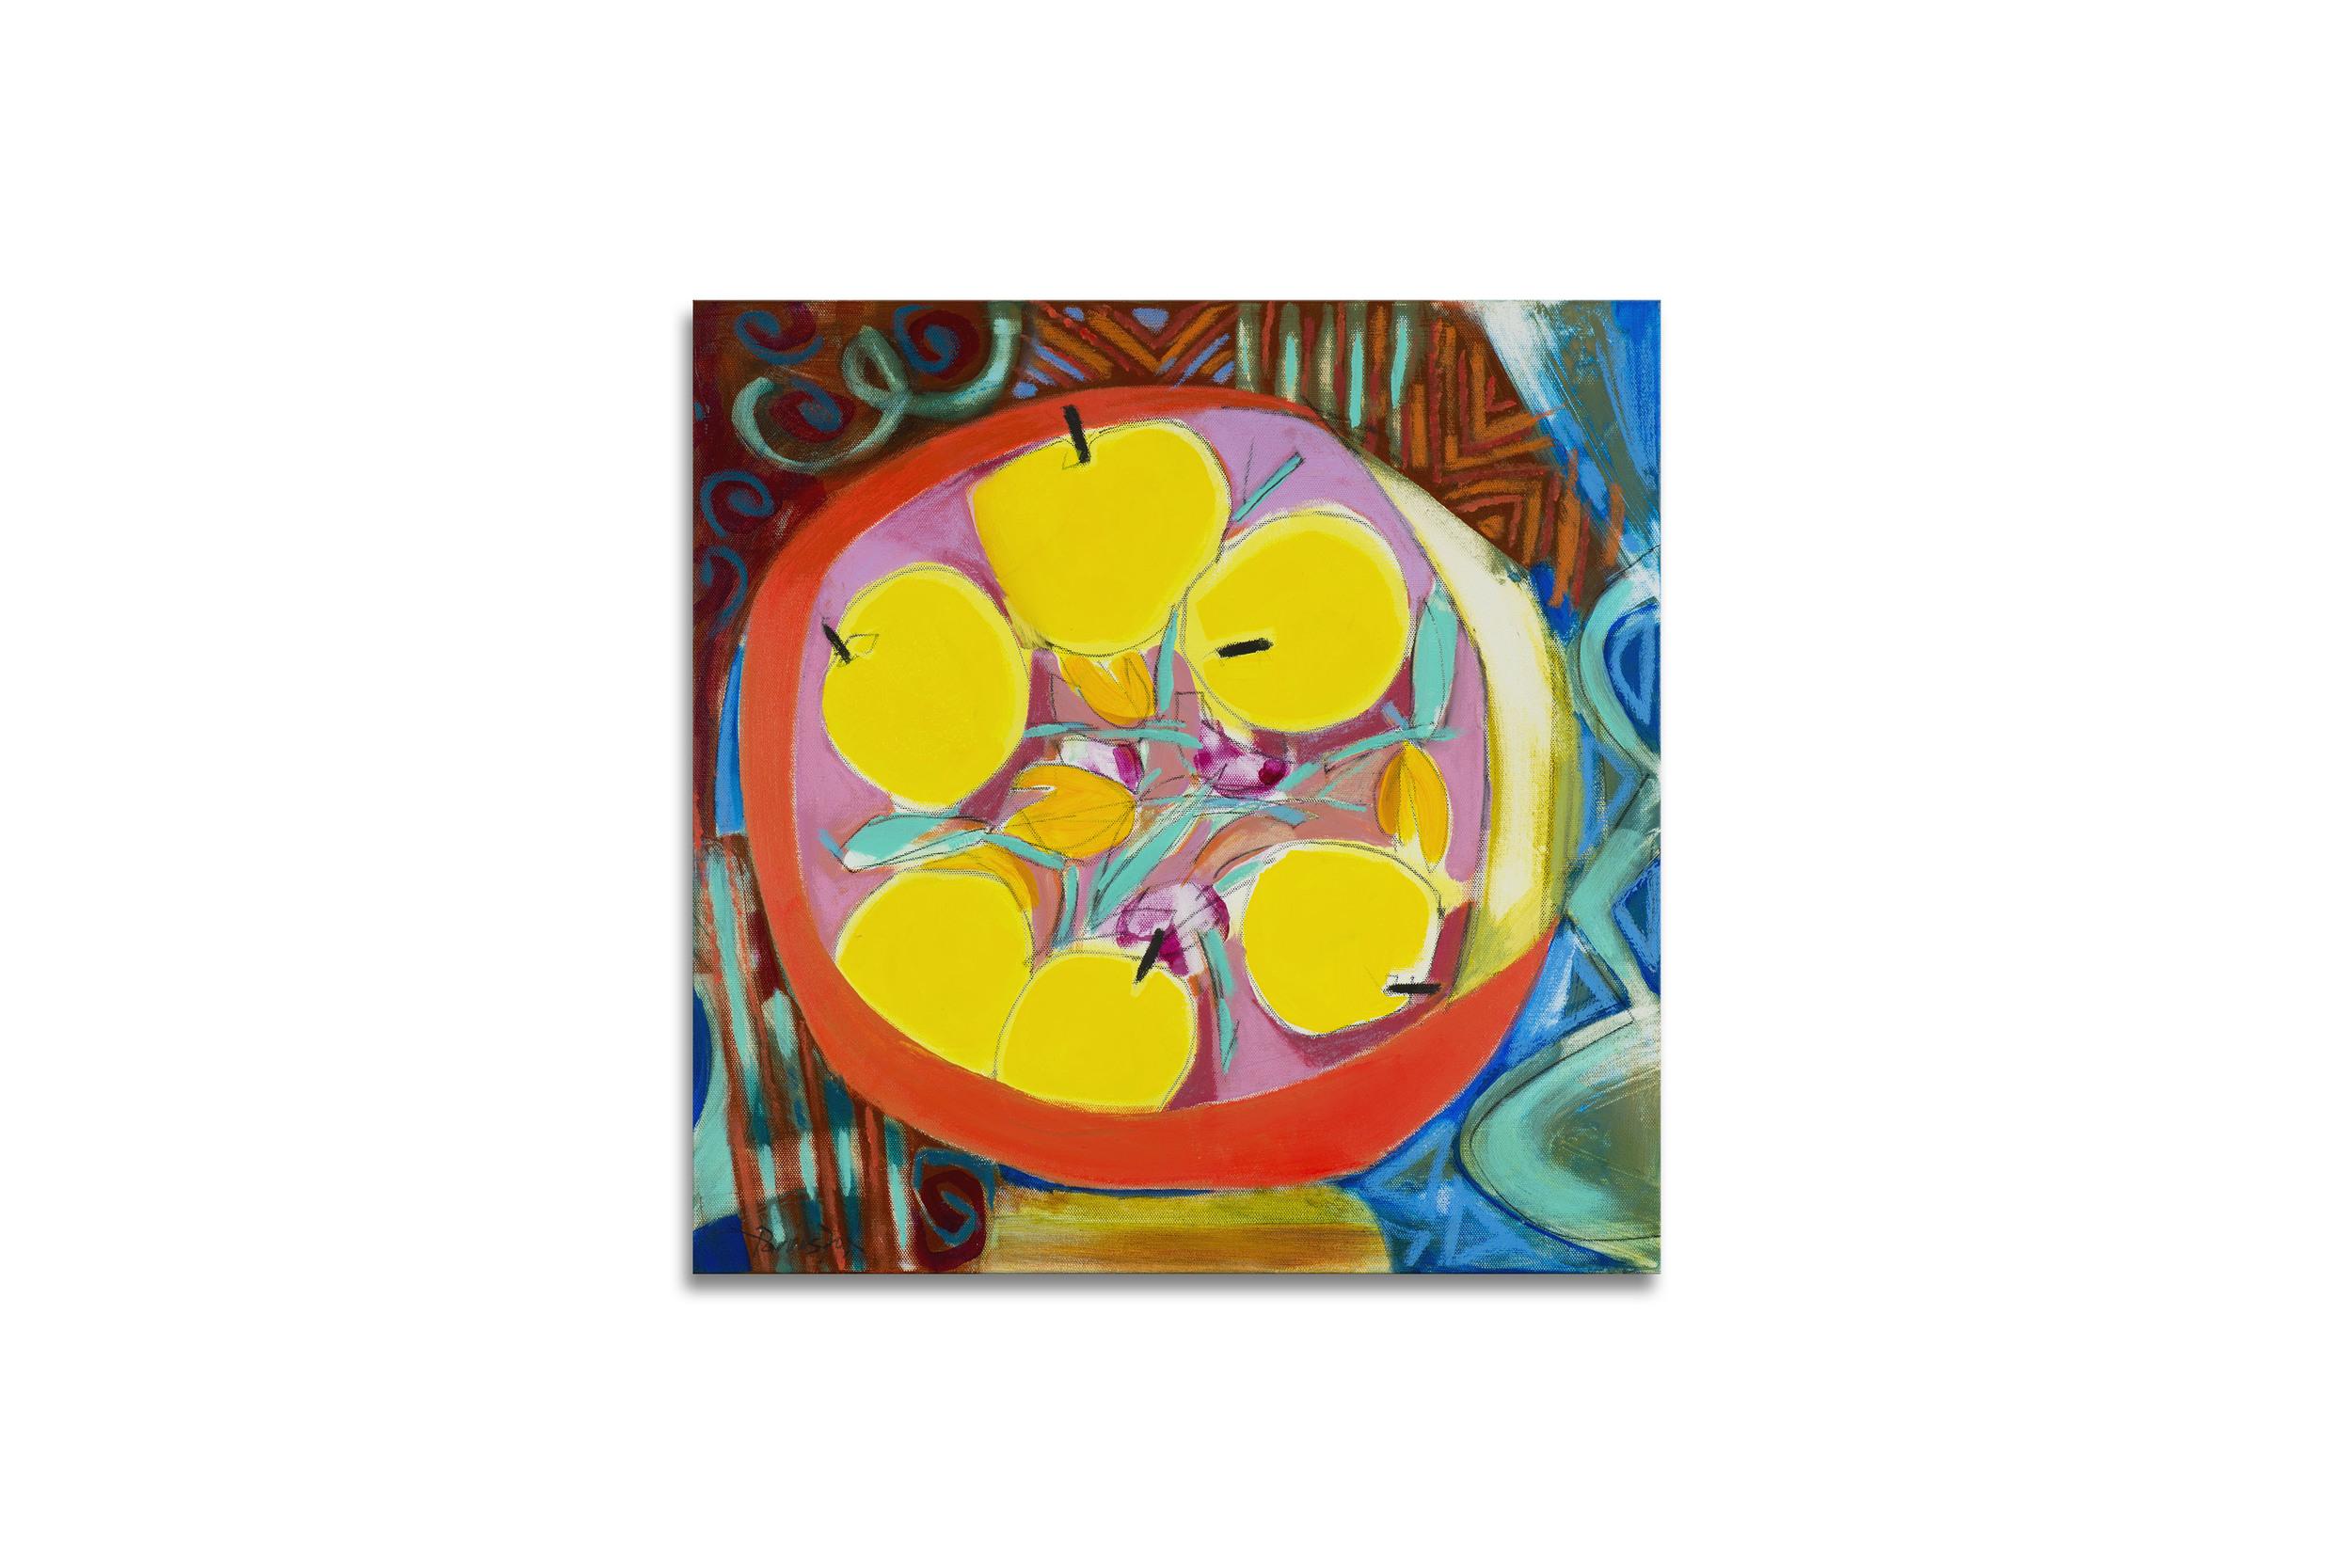 Lemons in Fruitbowl